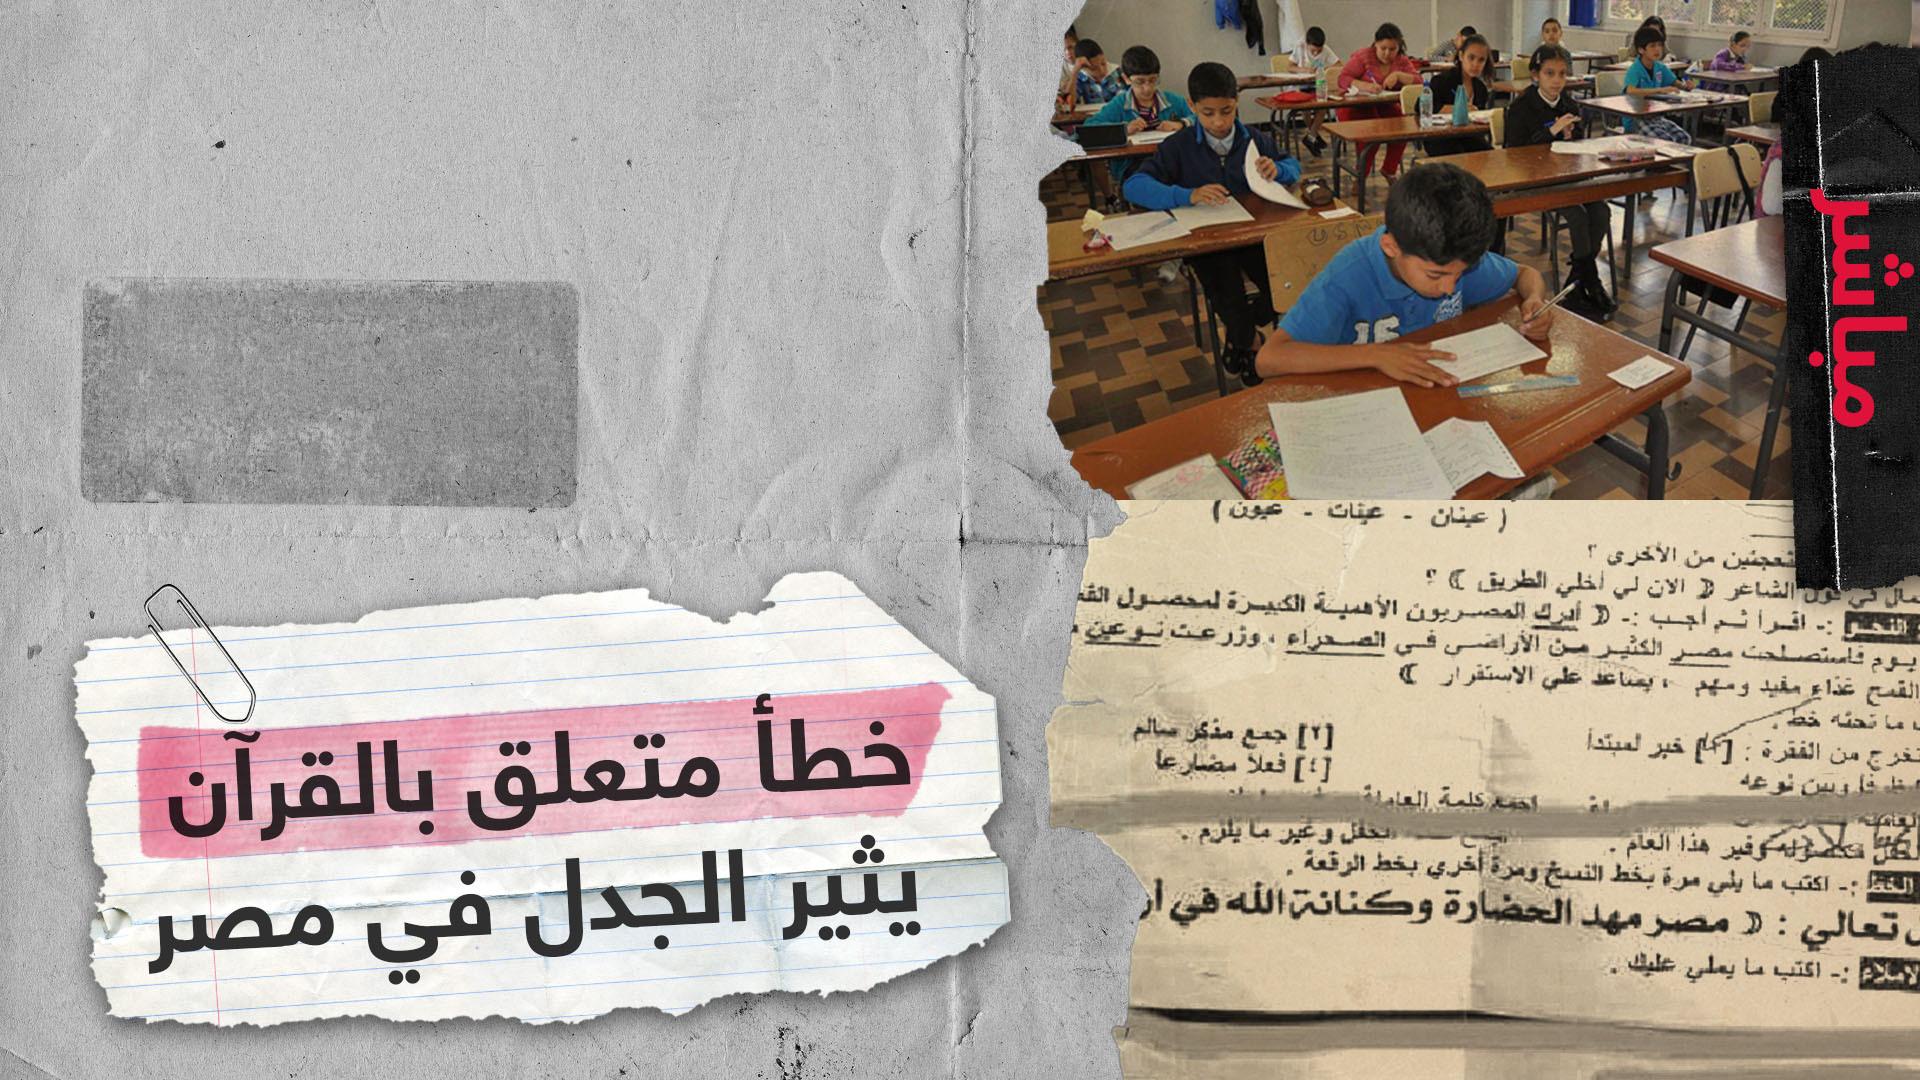 خطأ متعلق بالقرآن الكريم في امتحان يتسبب في جدل كبير بمصر